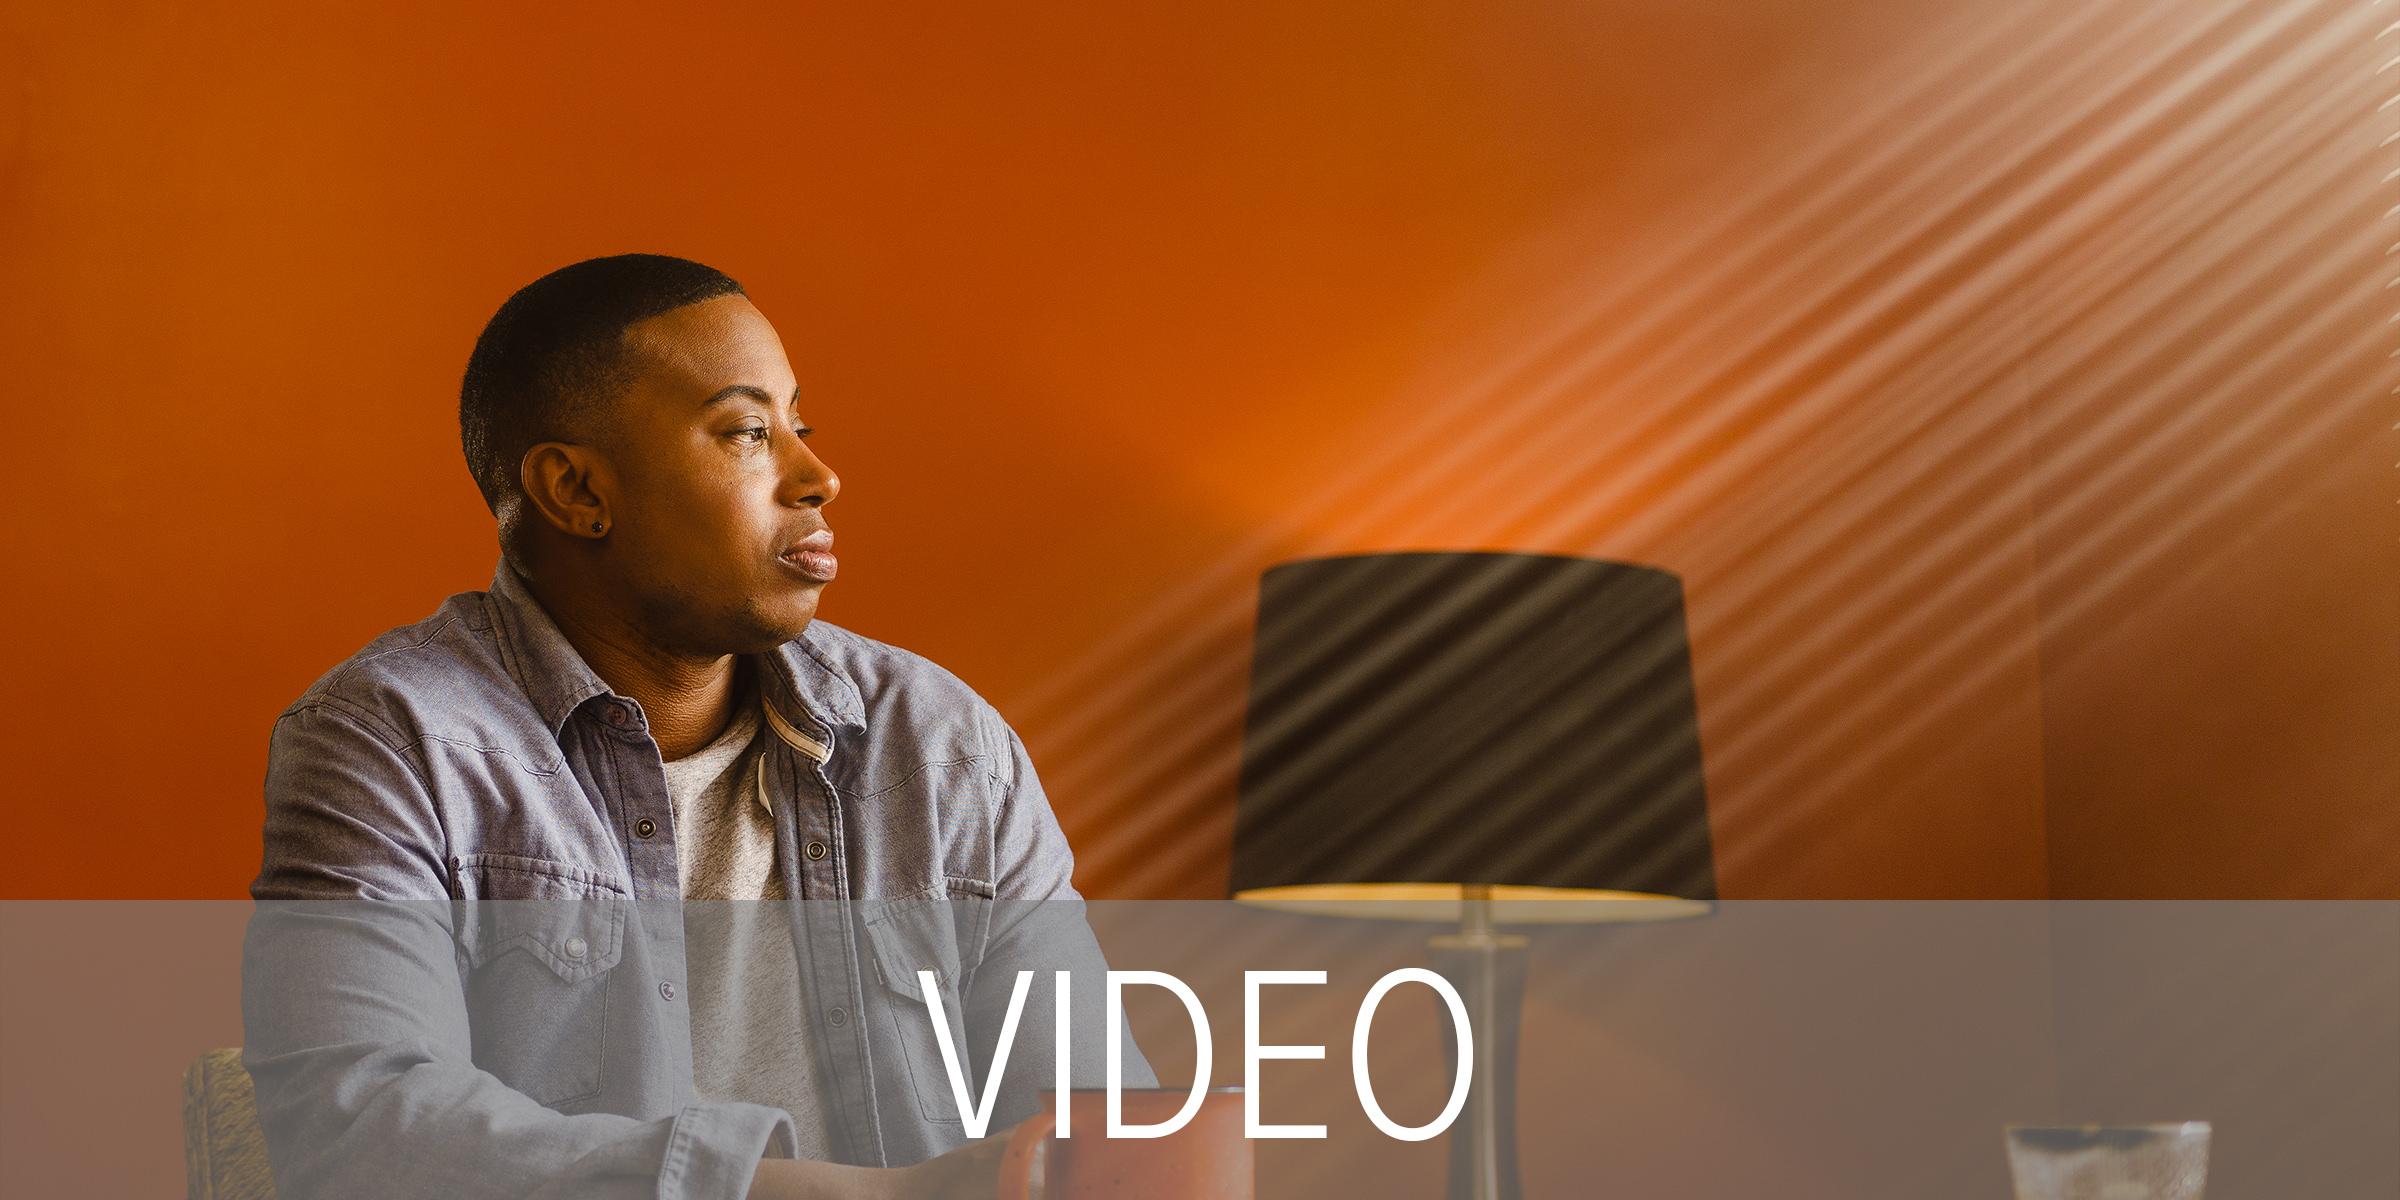 VIDEO BADGE Hompage 2.jpg